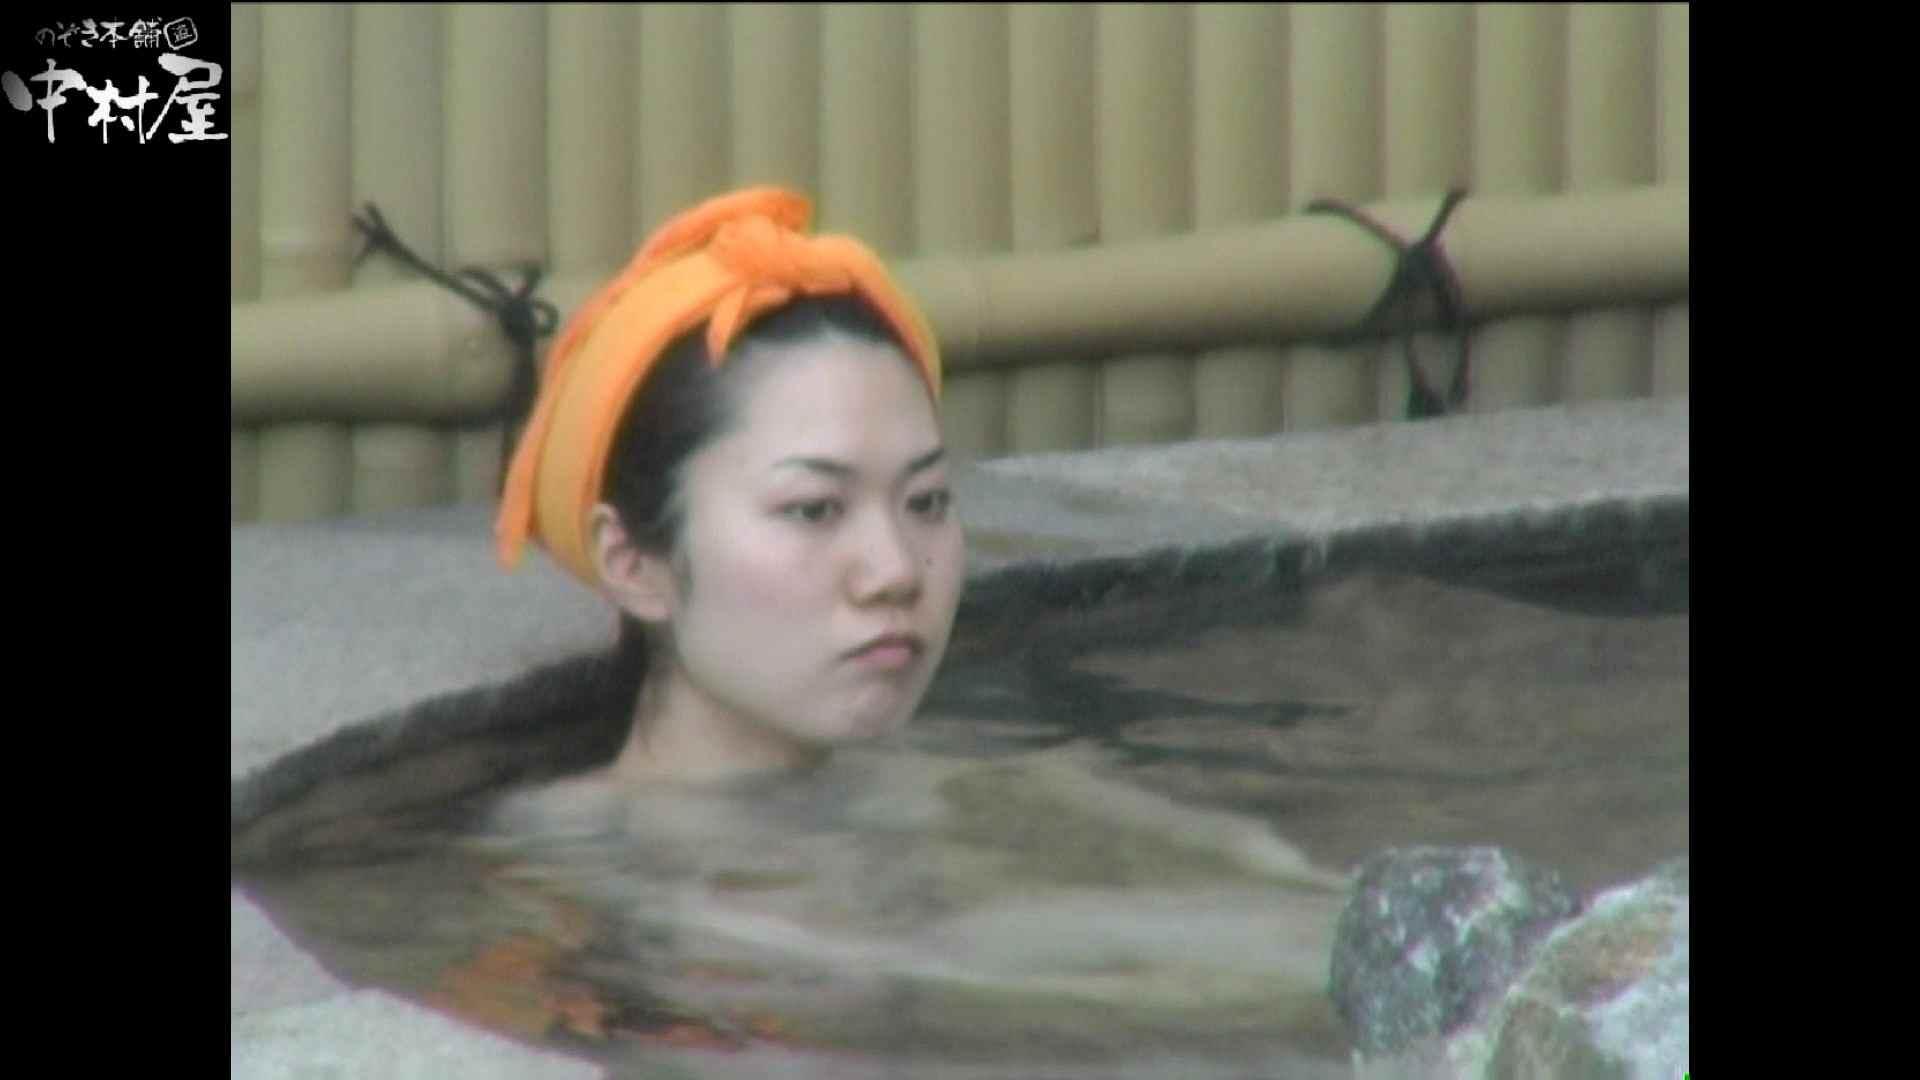 Aquaな露天風呂Vol.978 OLのエロ生活 スケベ動画紹介 73連発 2